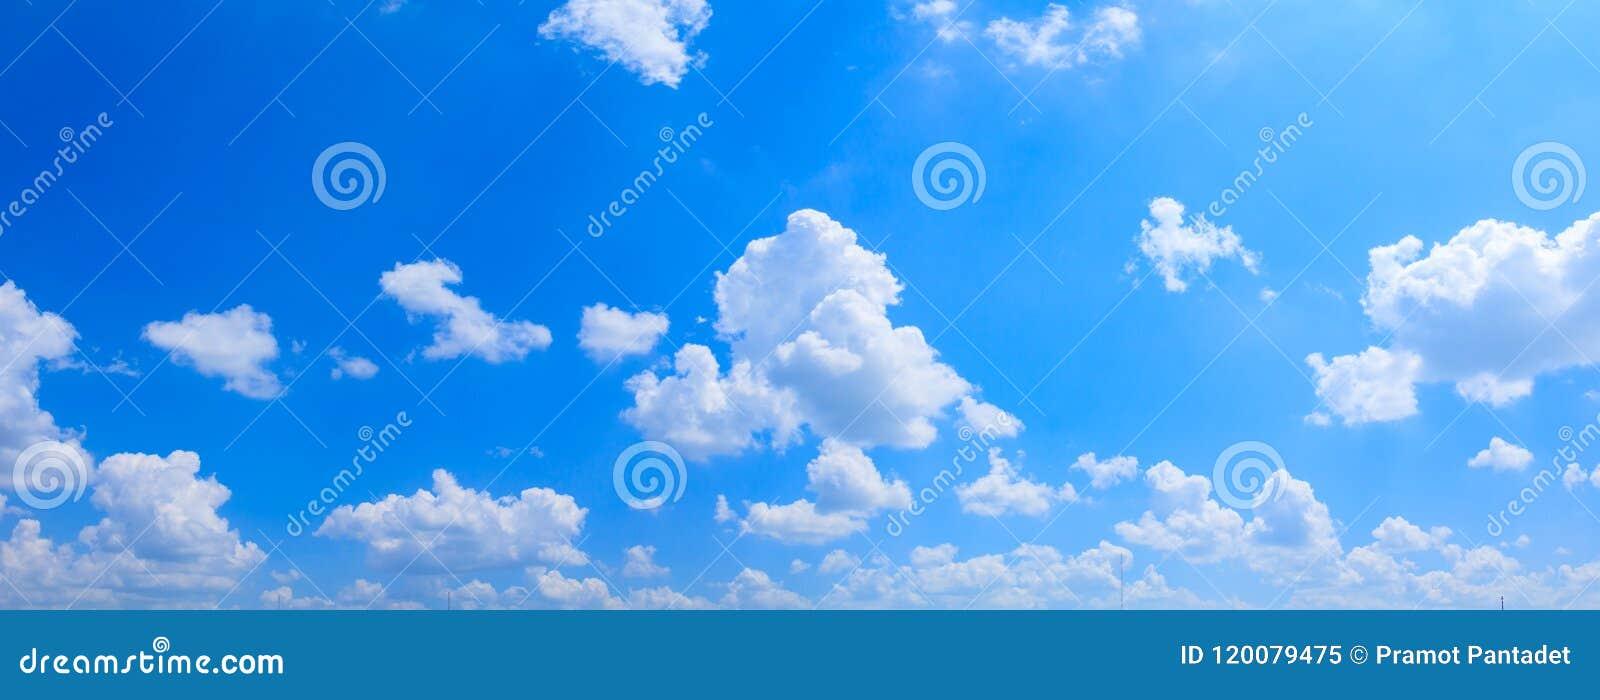 全景天空和云彩夏令时美好的背景